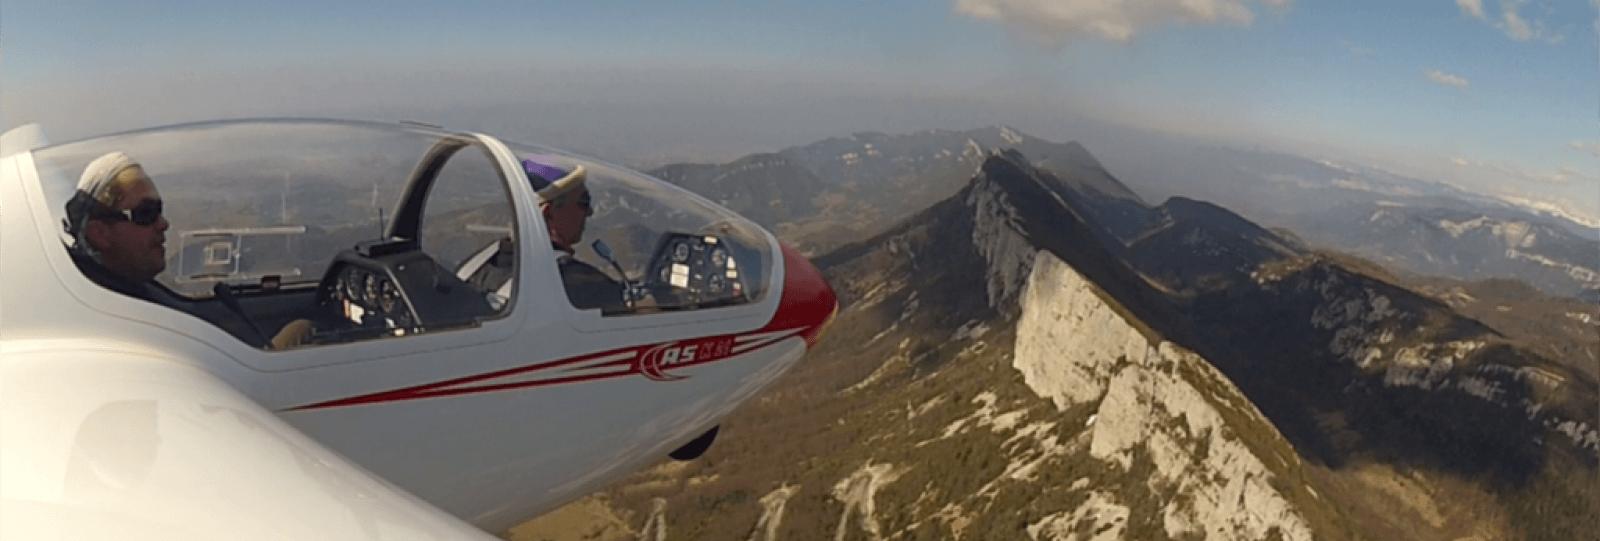 Vercors Vol à voile - Découverte du vol à voile